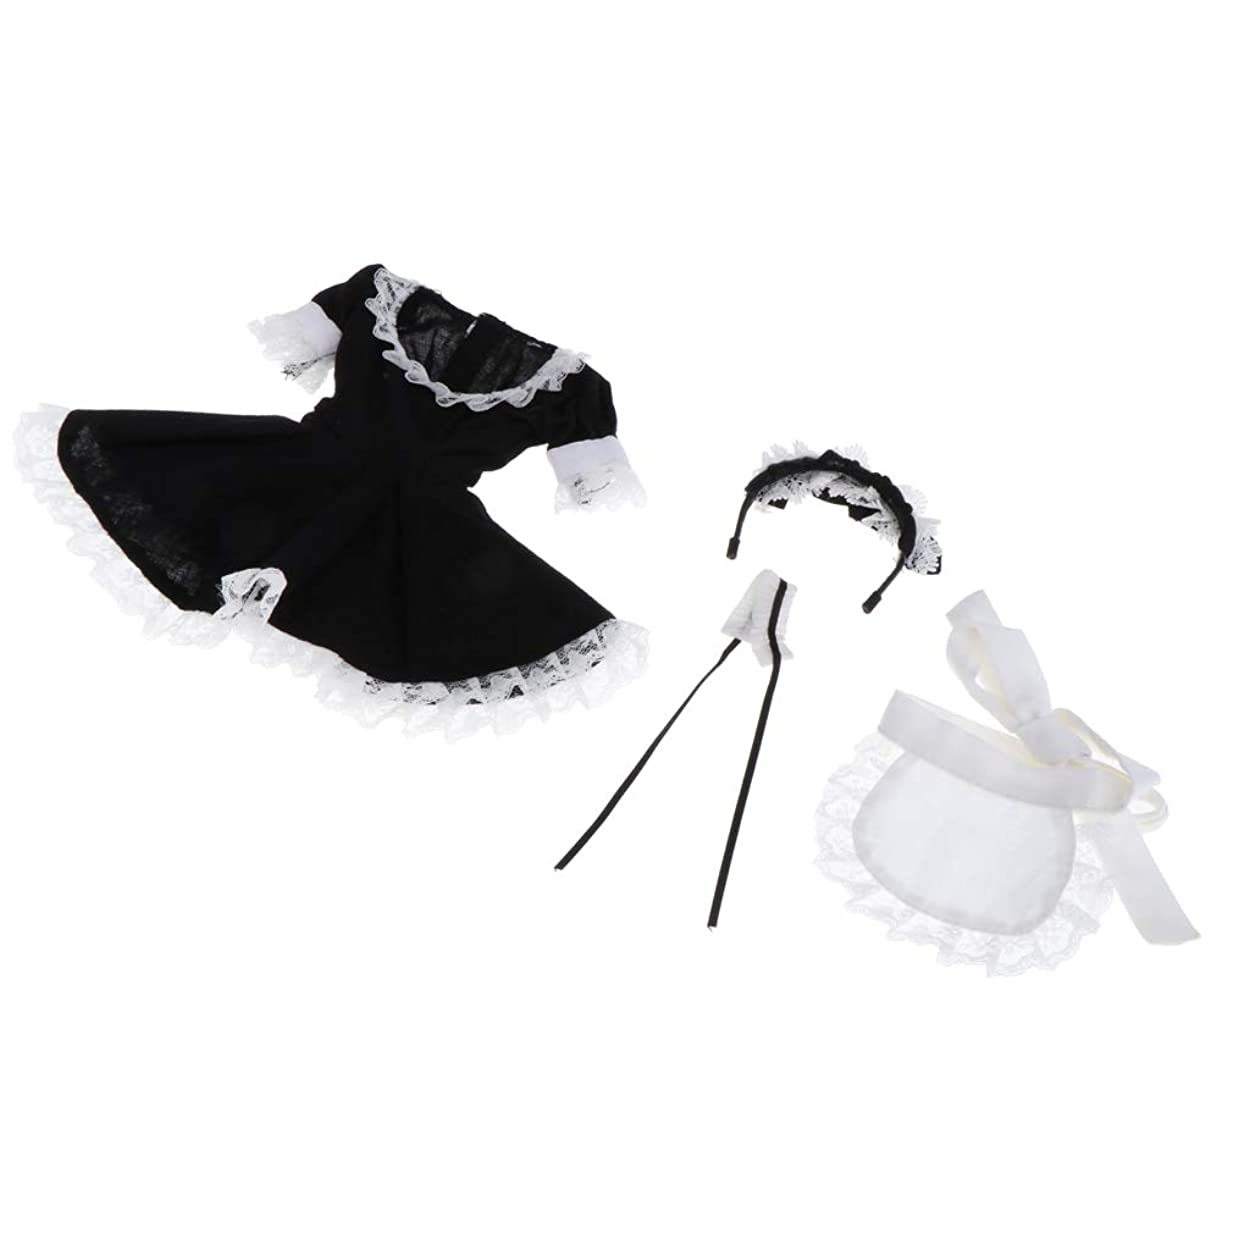 行霊経験的#N/A かわいい人形パーティードレス1/4 BJD女の子コスプレ衣装子供ごっこPlay Accs